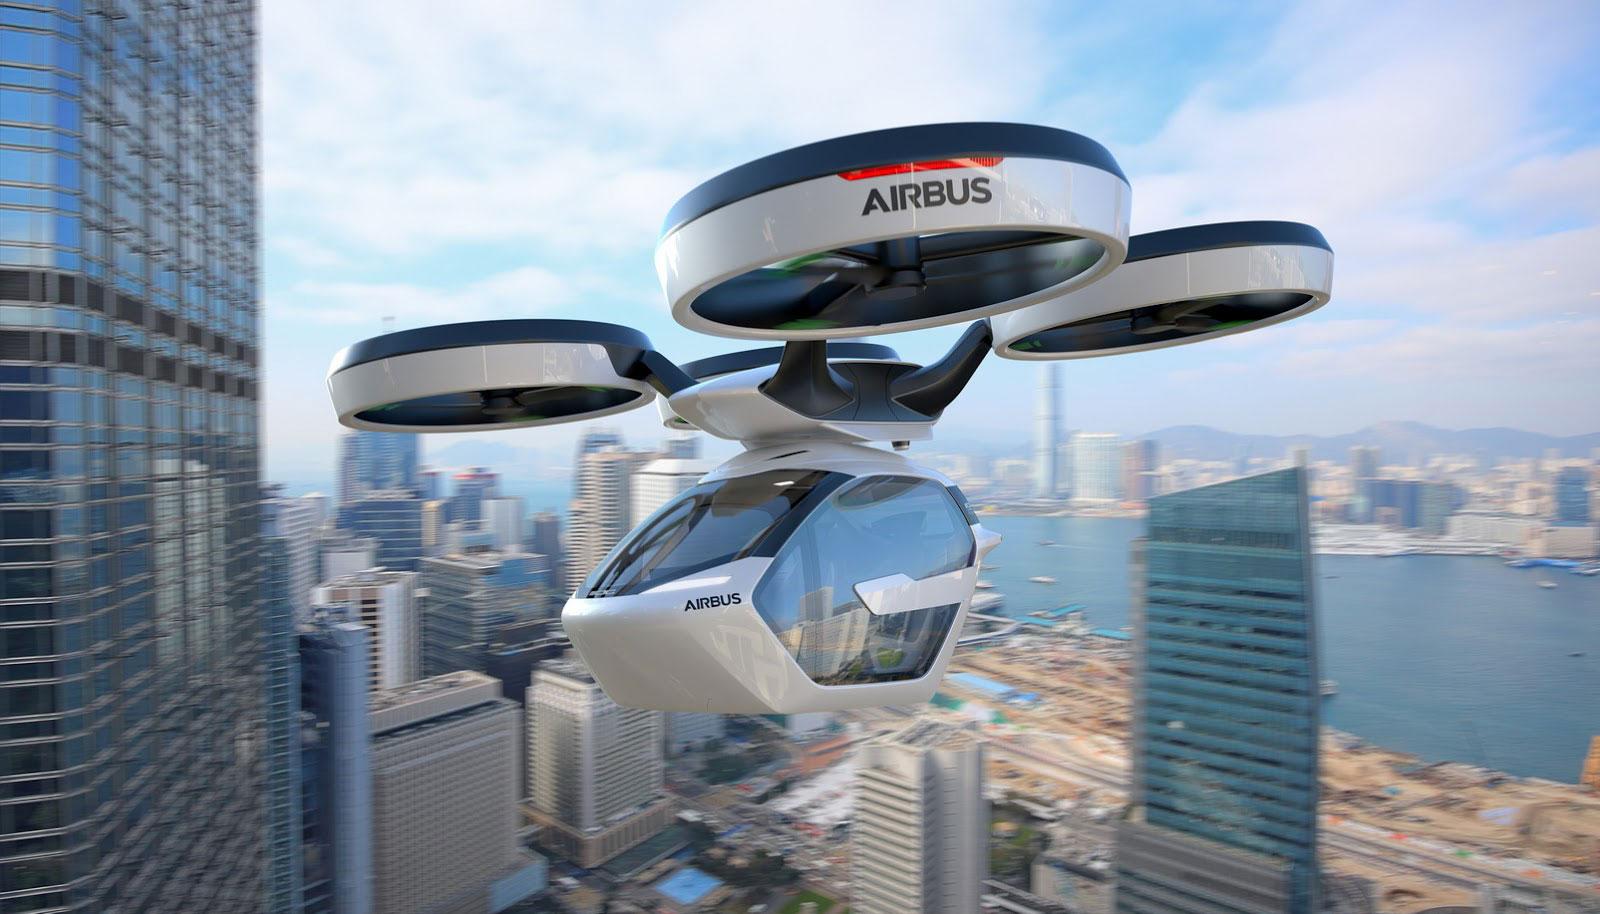 airbus-popup-9.jpg